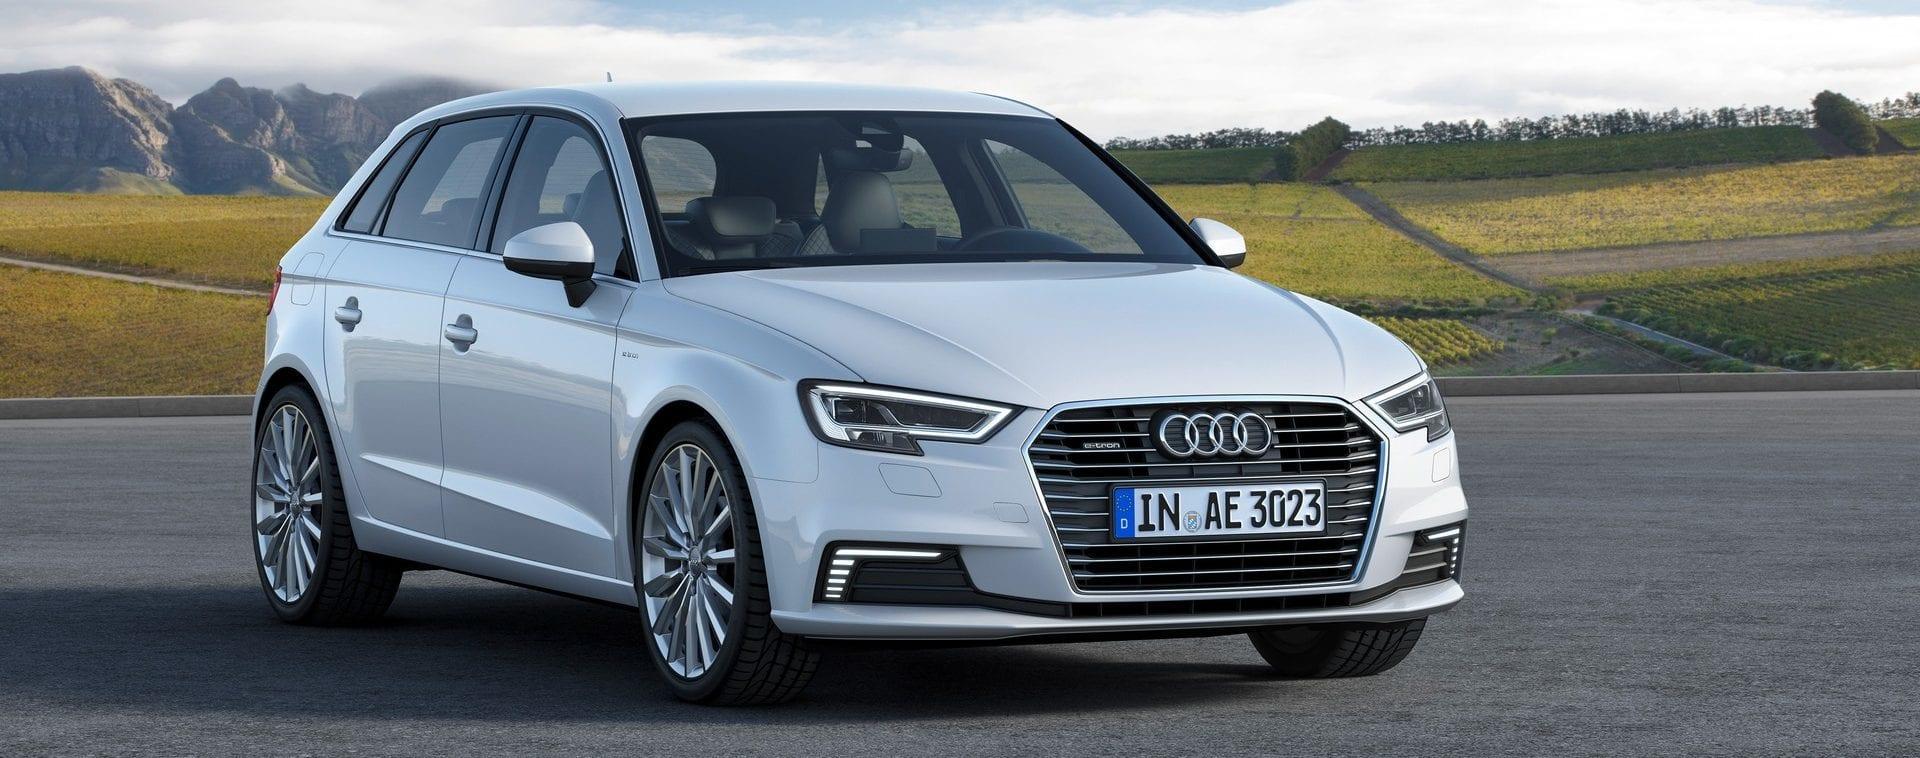 Kelebihan Audi A3 2018 Top Model Tahun Ini